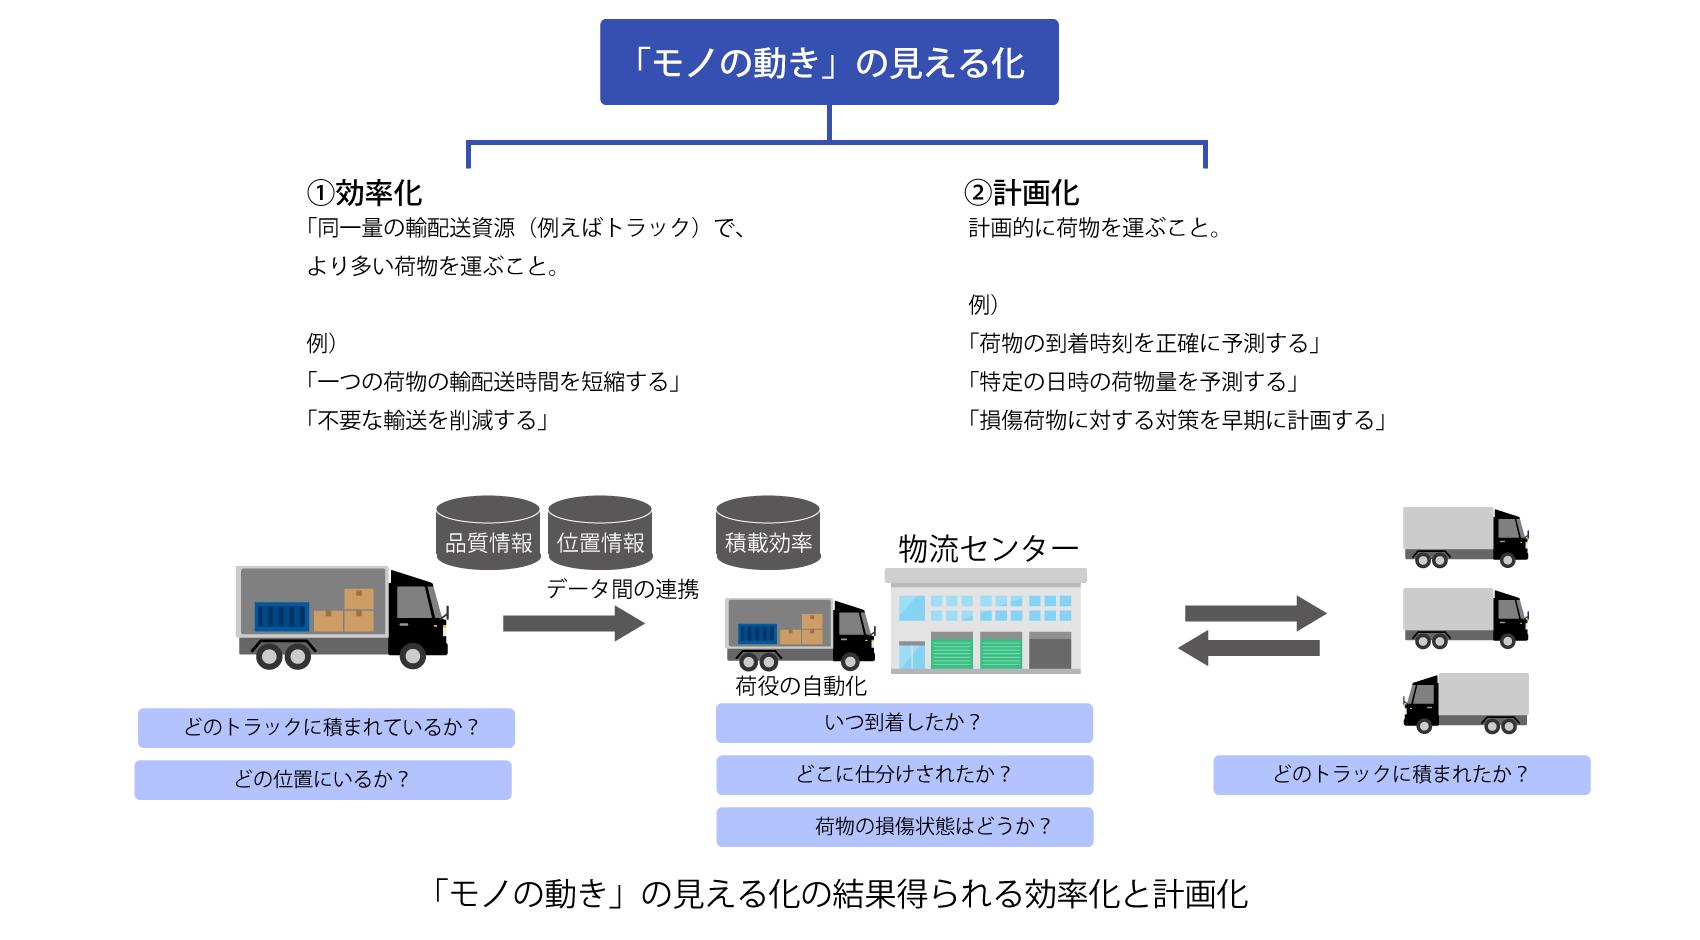 2-6「モノの動き」の見える化の全体概念図_2